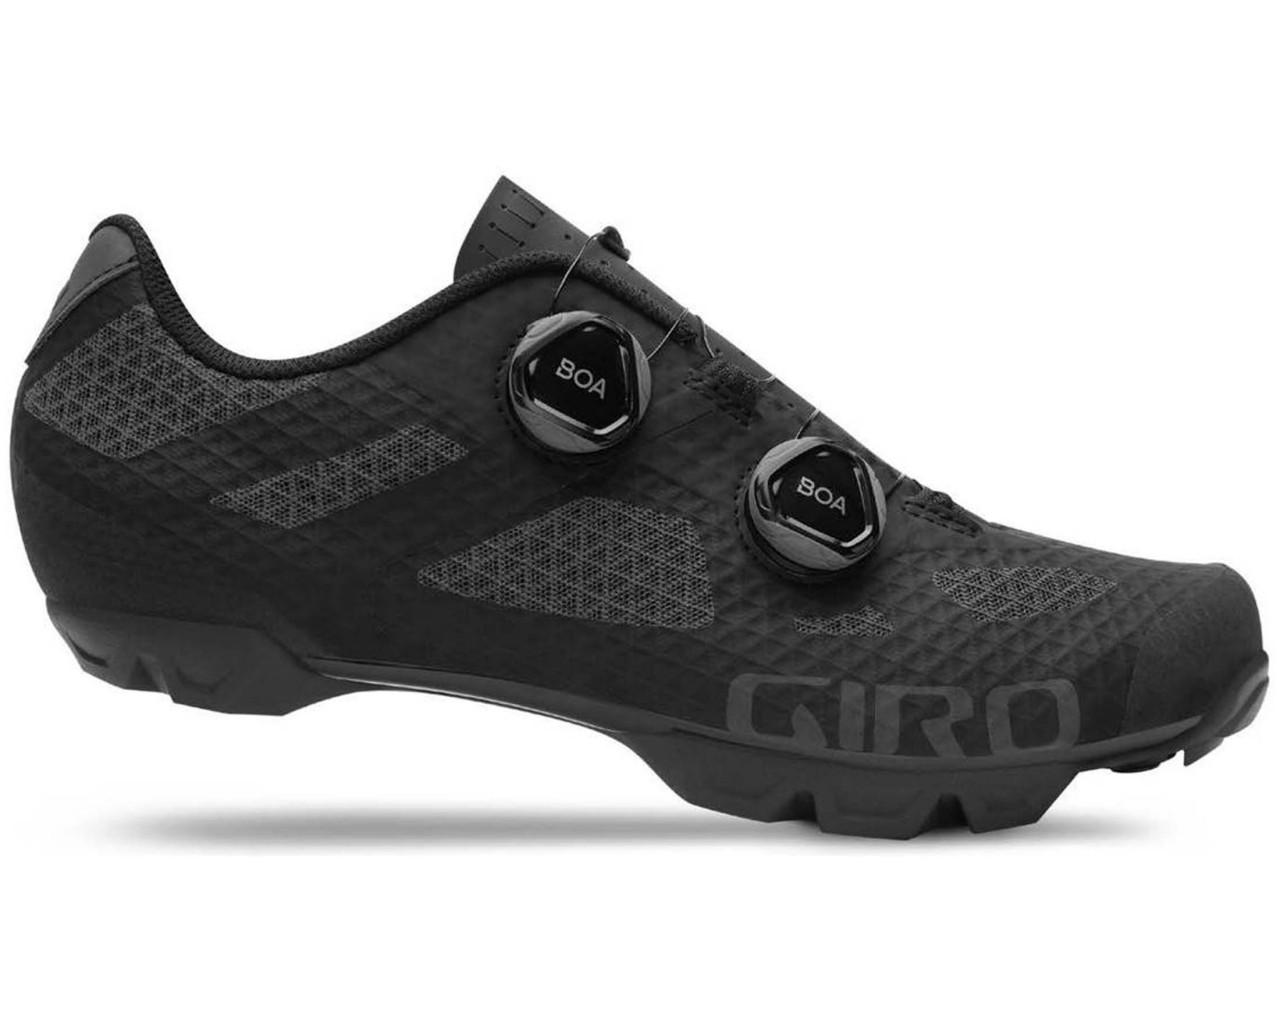 Giro Sector - Dirt Bike Schuhe | black